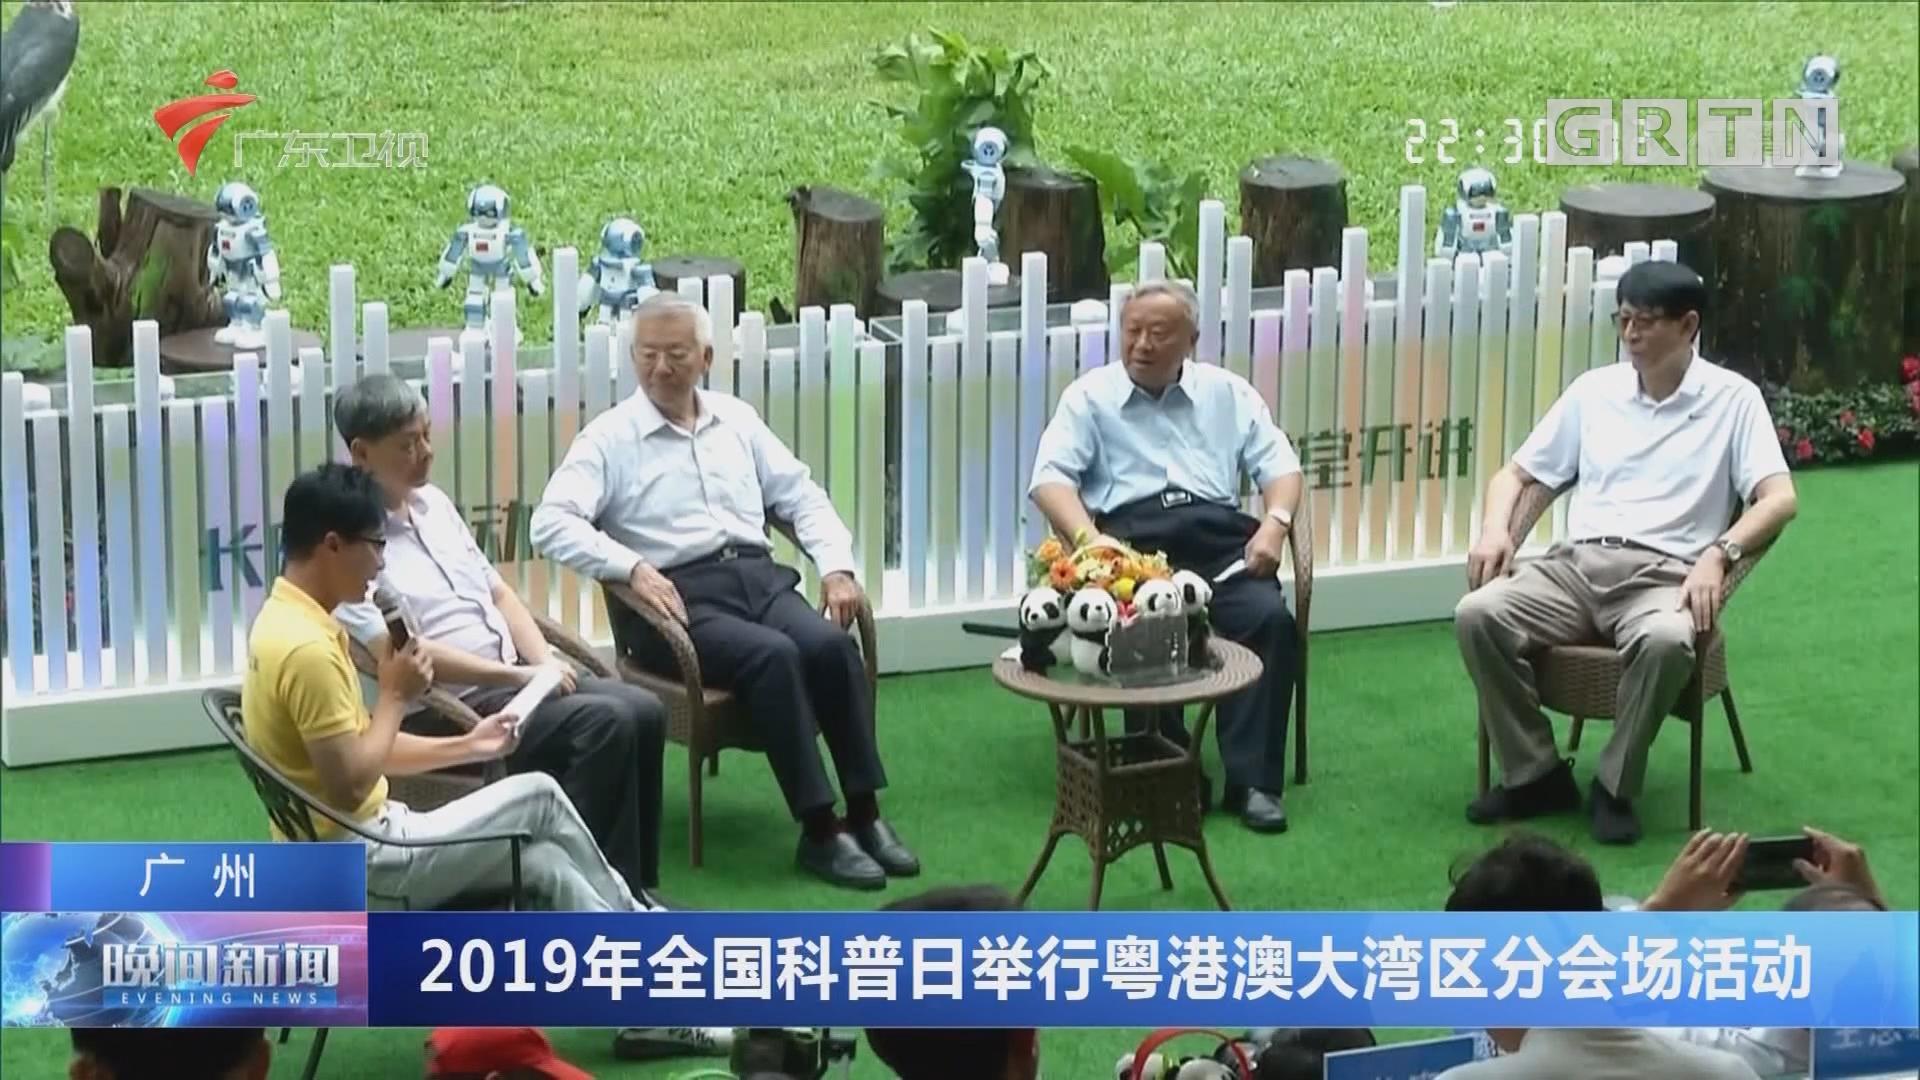 广州 2019年全国科普日举行粤港澳大湾区分会场活动